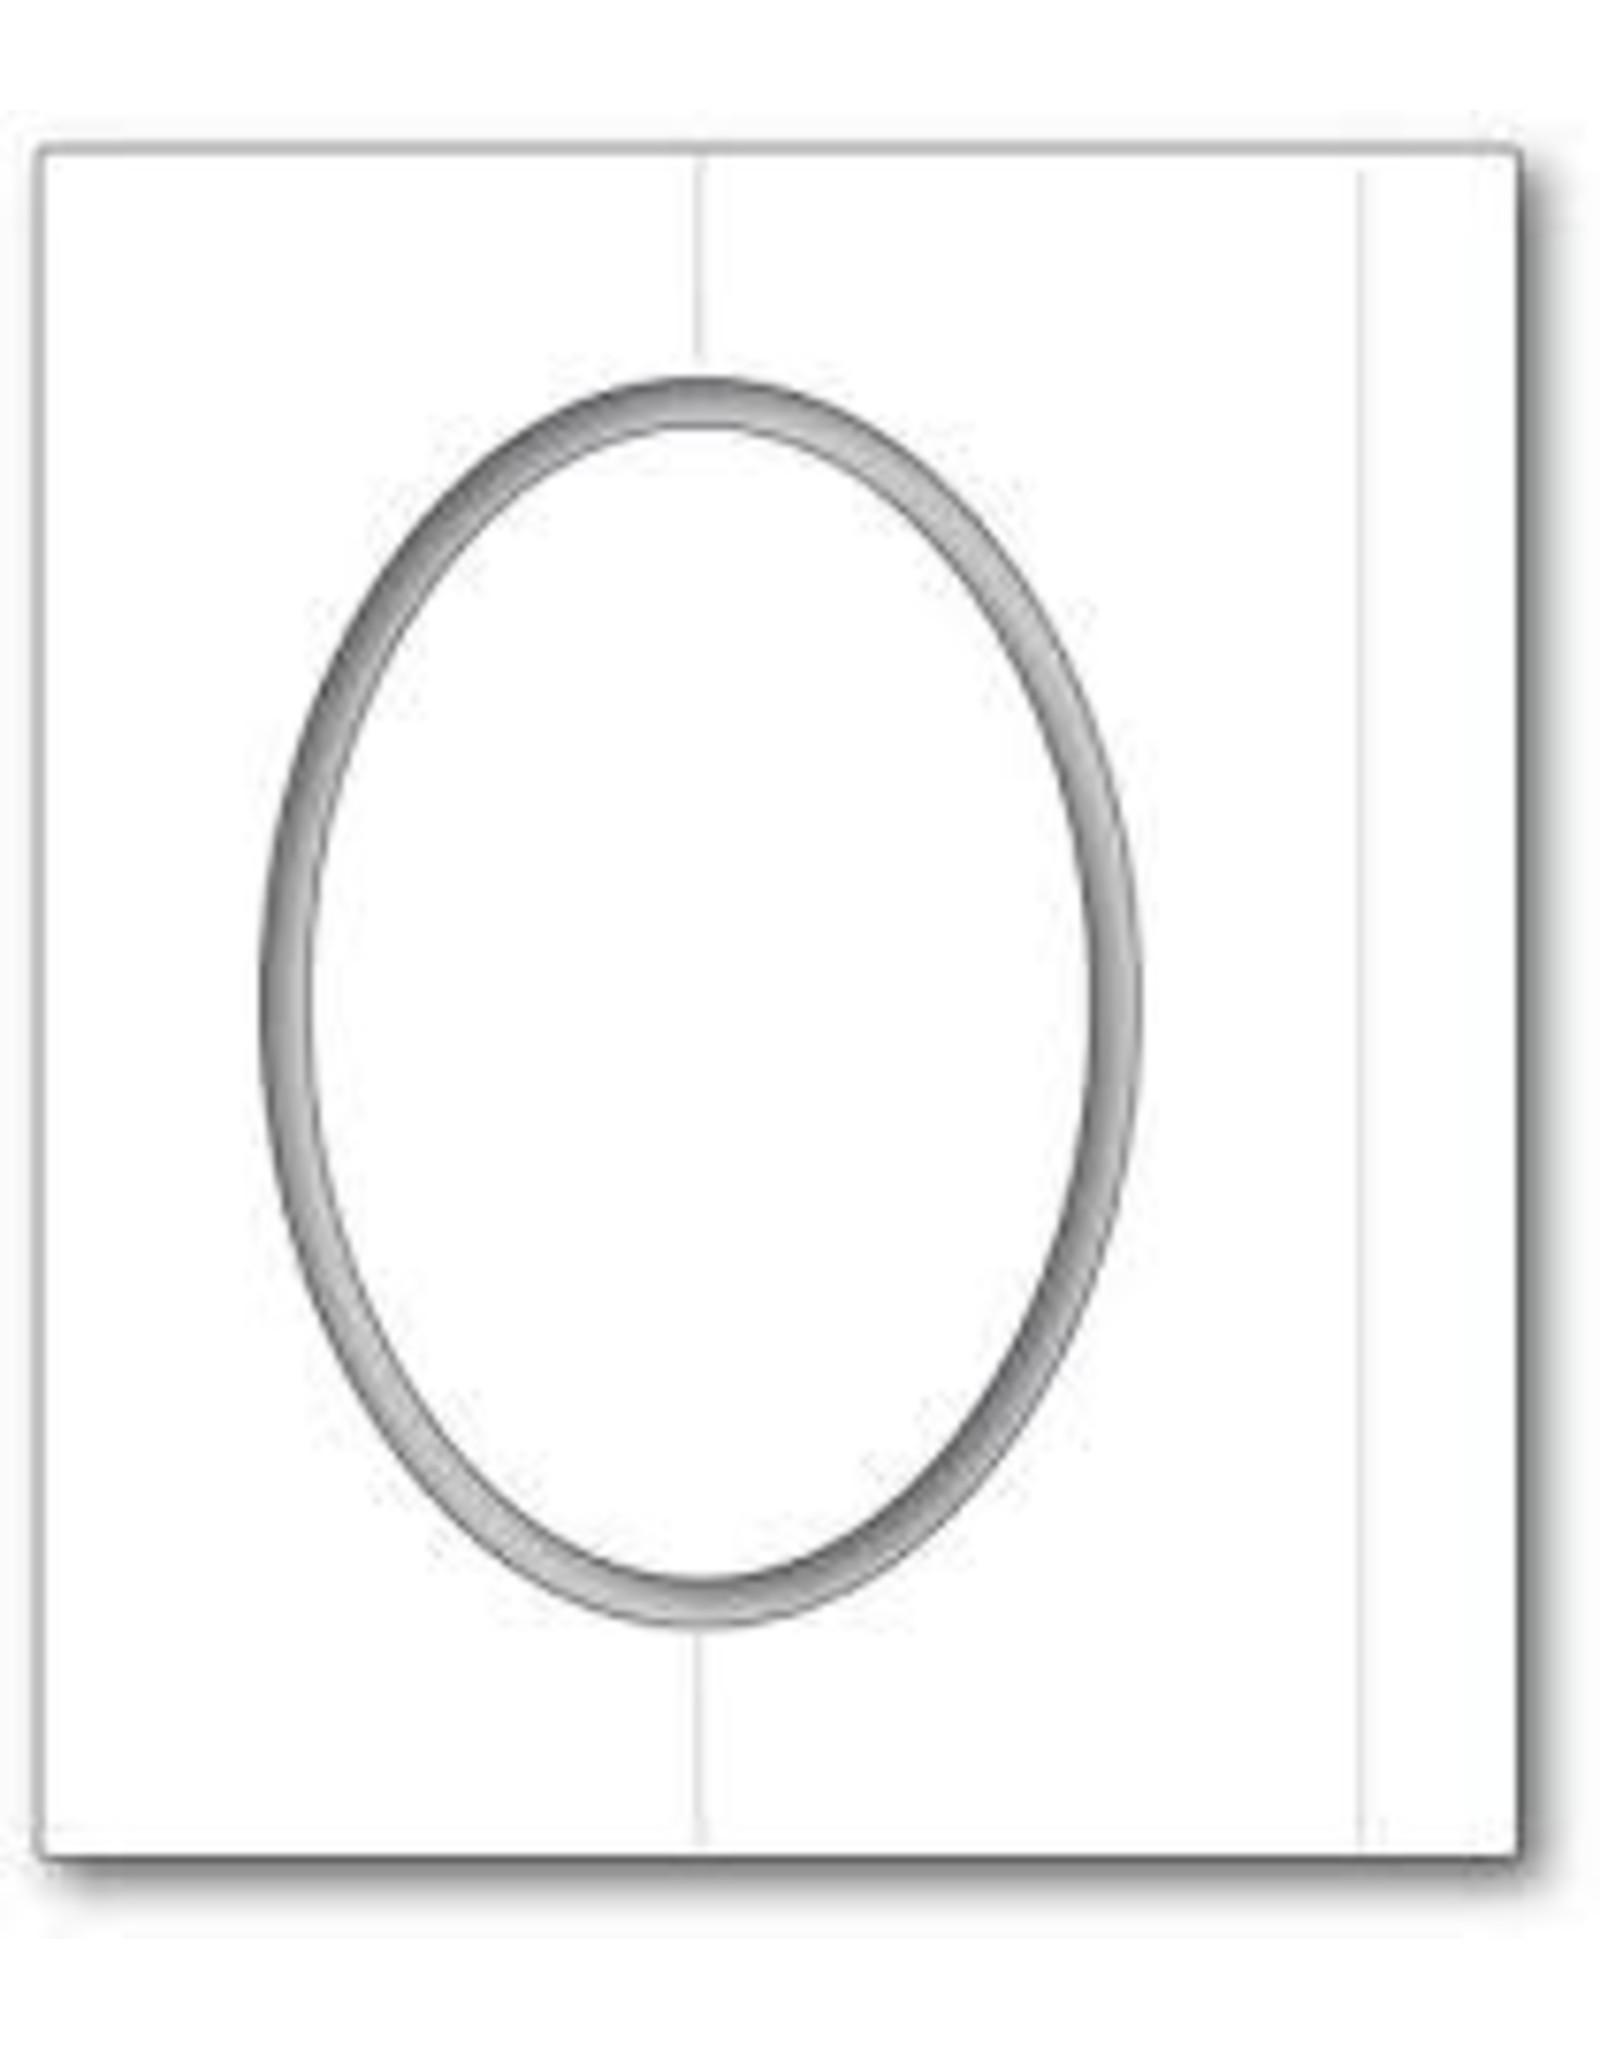 Poppystamps, Inc. Oval Fold Frame Die Set